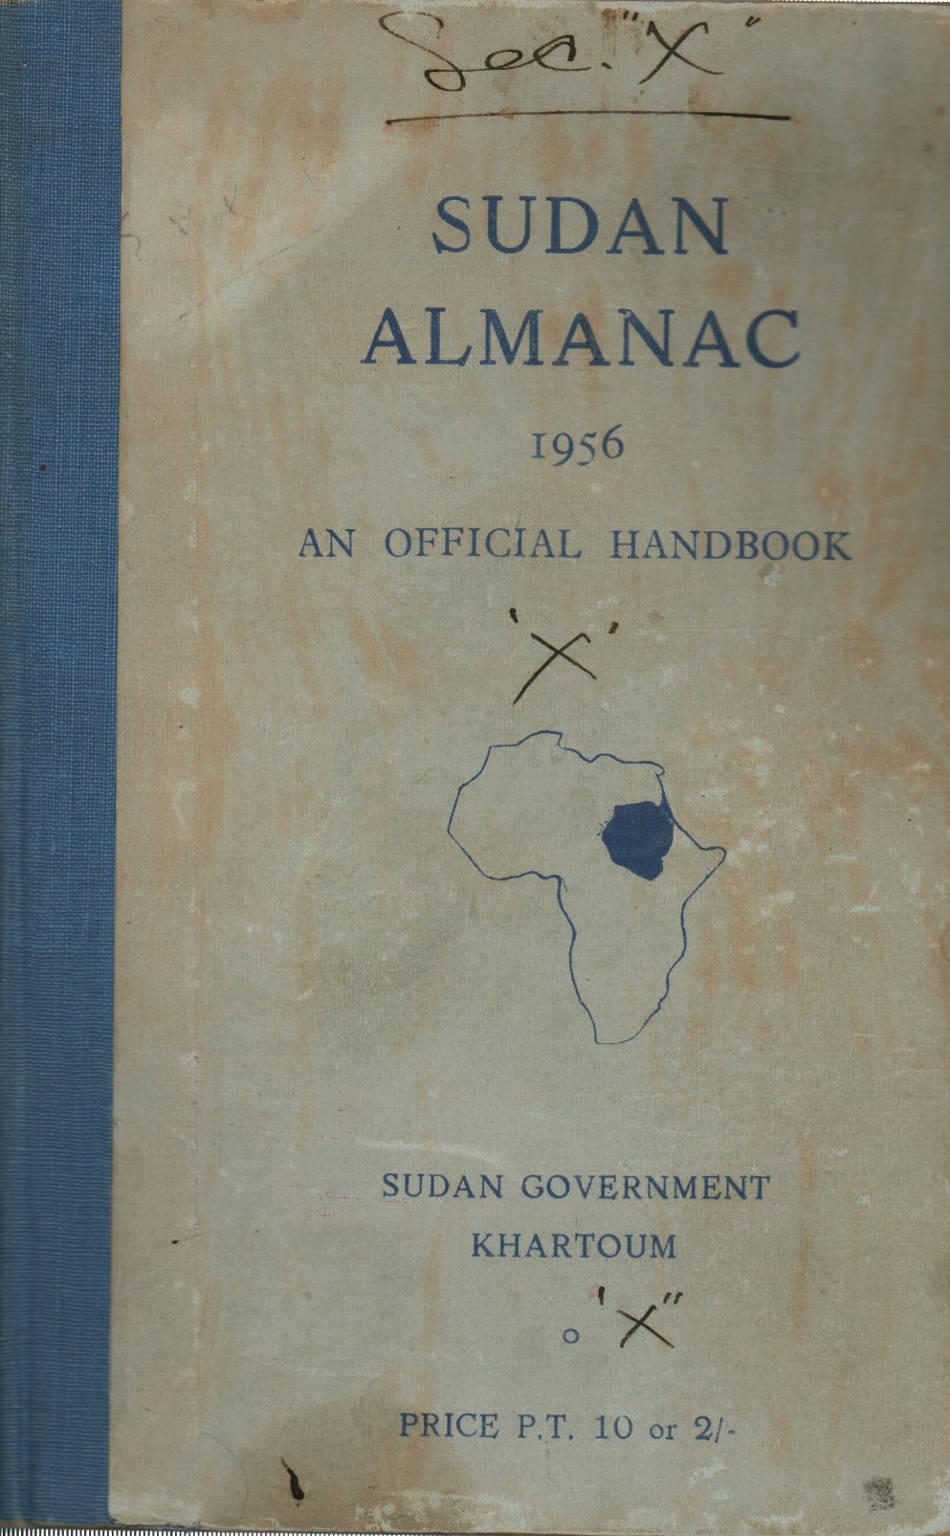 Судан Альманах 1956 - AA.VV. - Современная история - История ... 58af1717c07b4